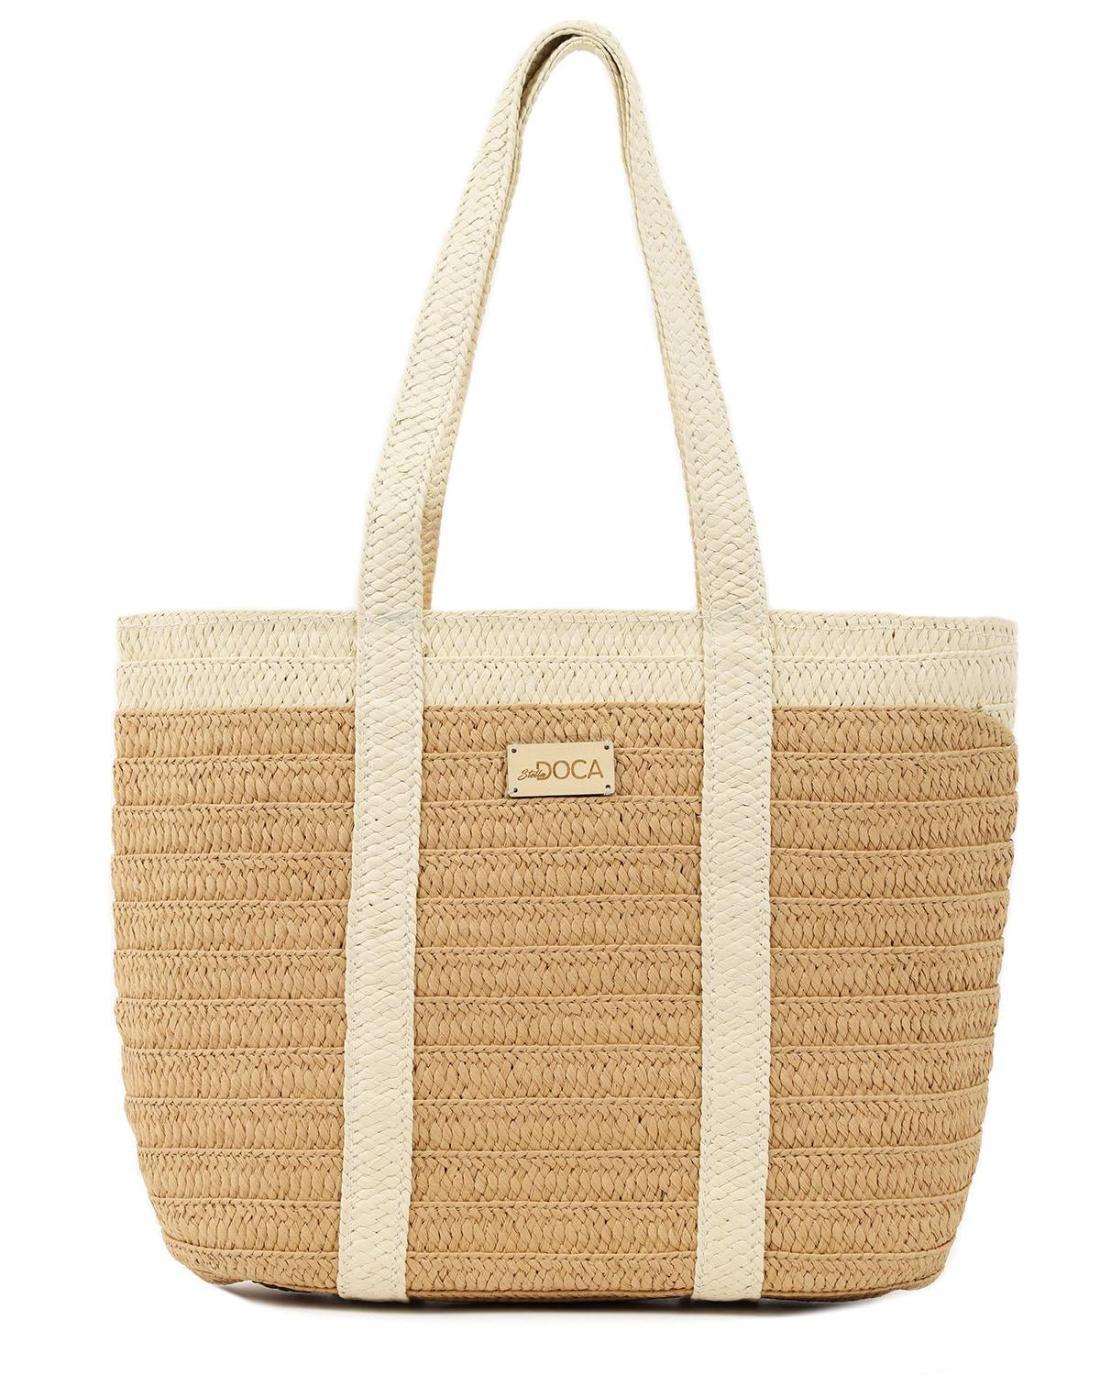 Papierstroh beige strandtasche